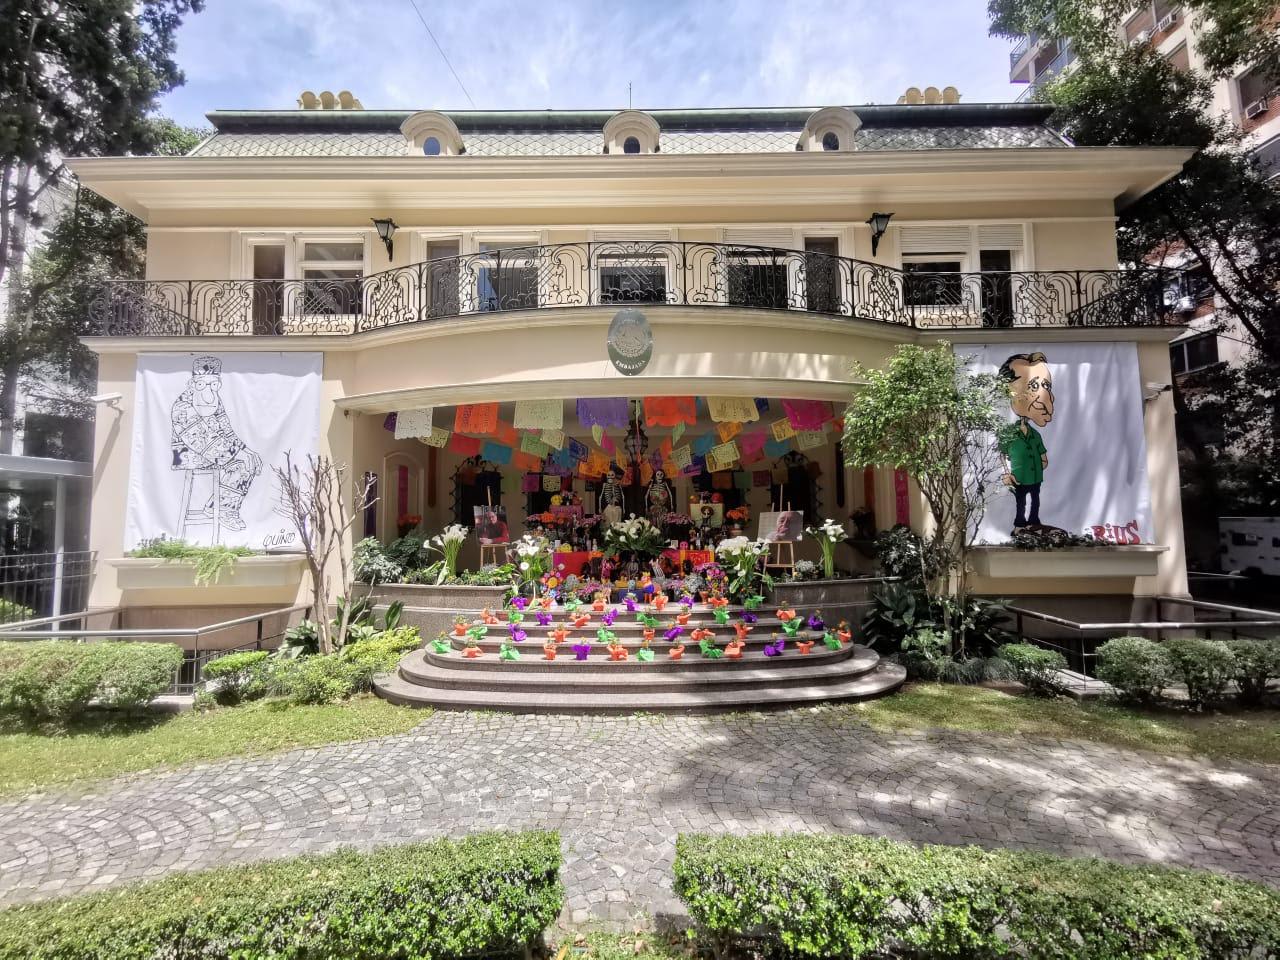 Magno altar dedicado a Quino y a Rius, podrá ser admirado desde la vereda de la sede de la Embajada en Belgrano